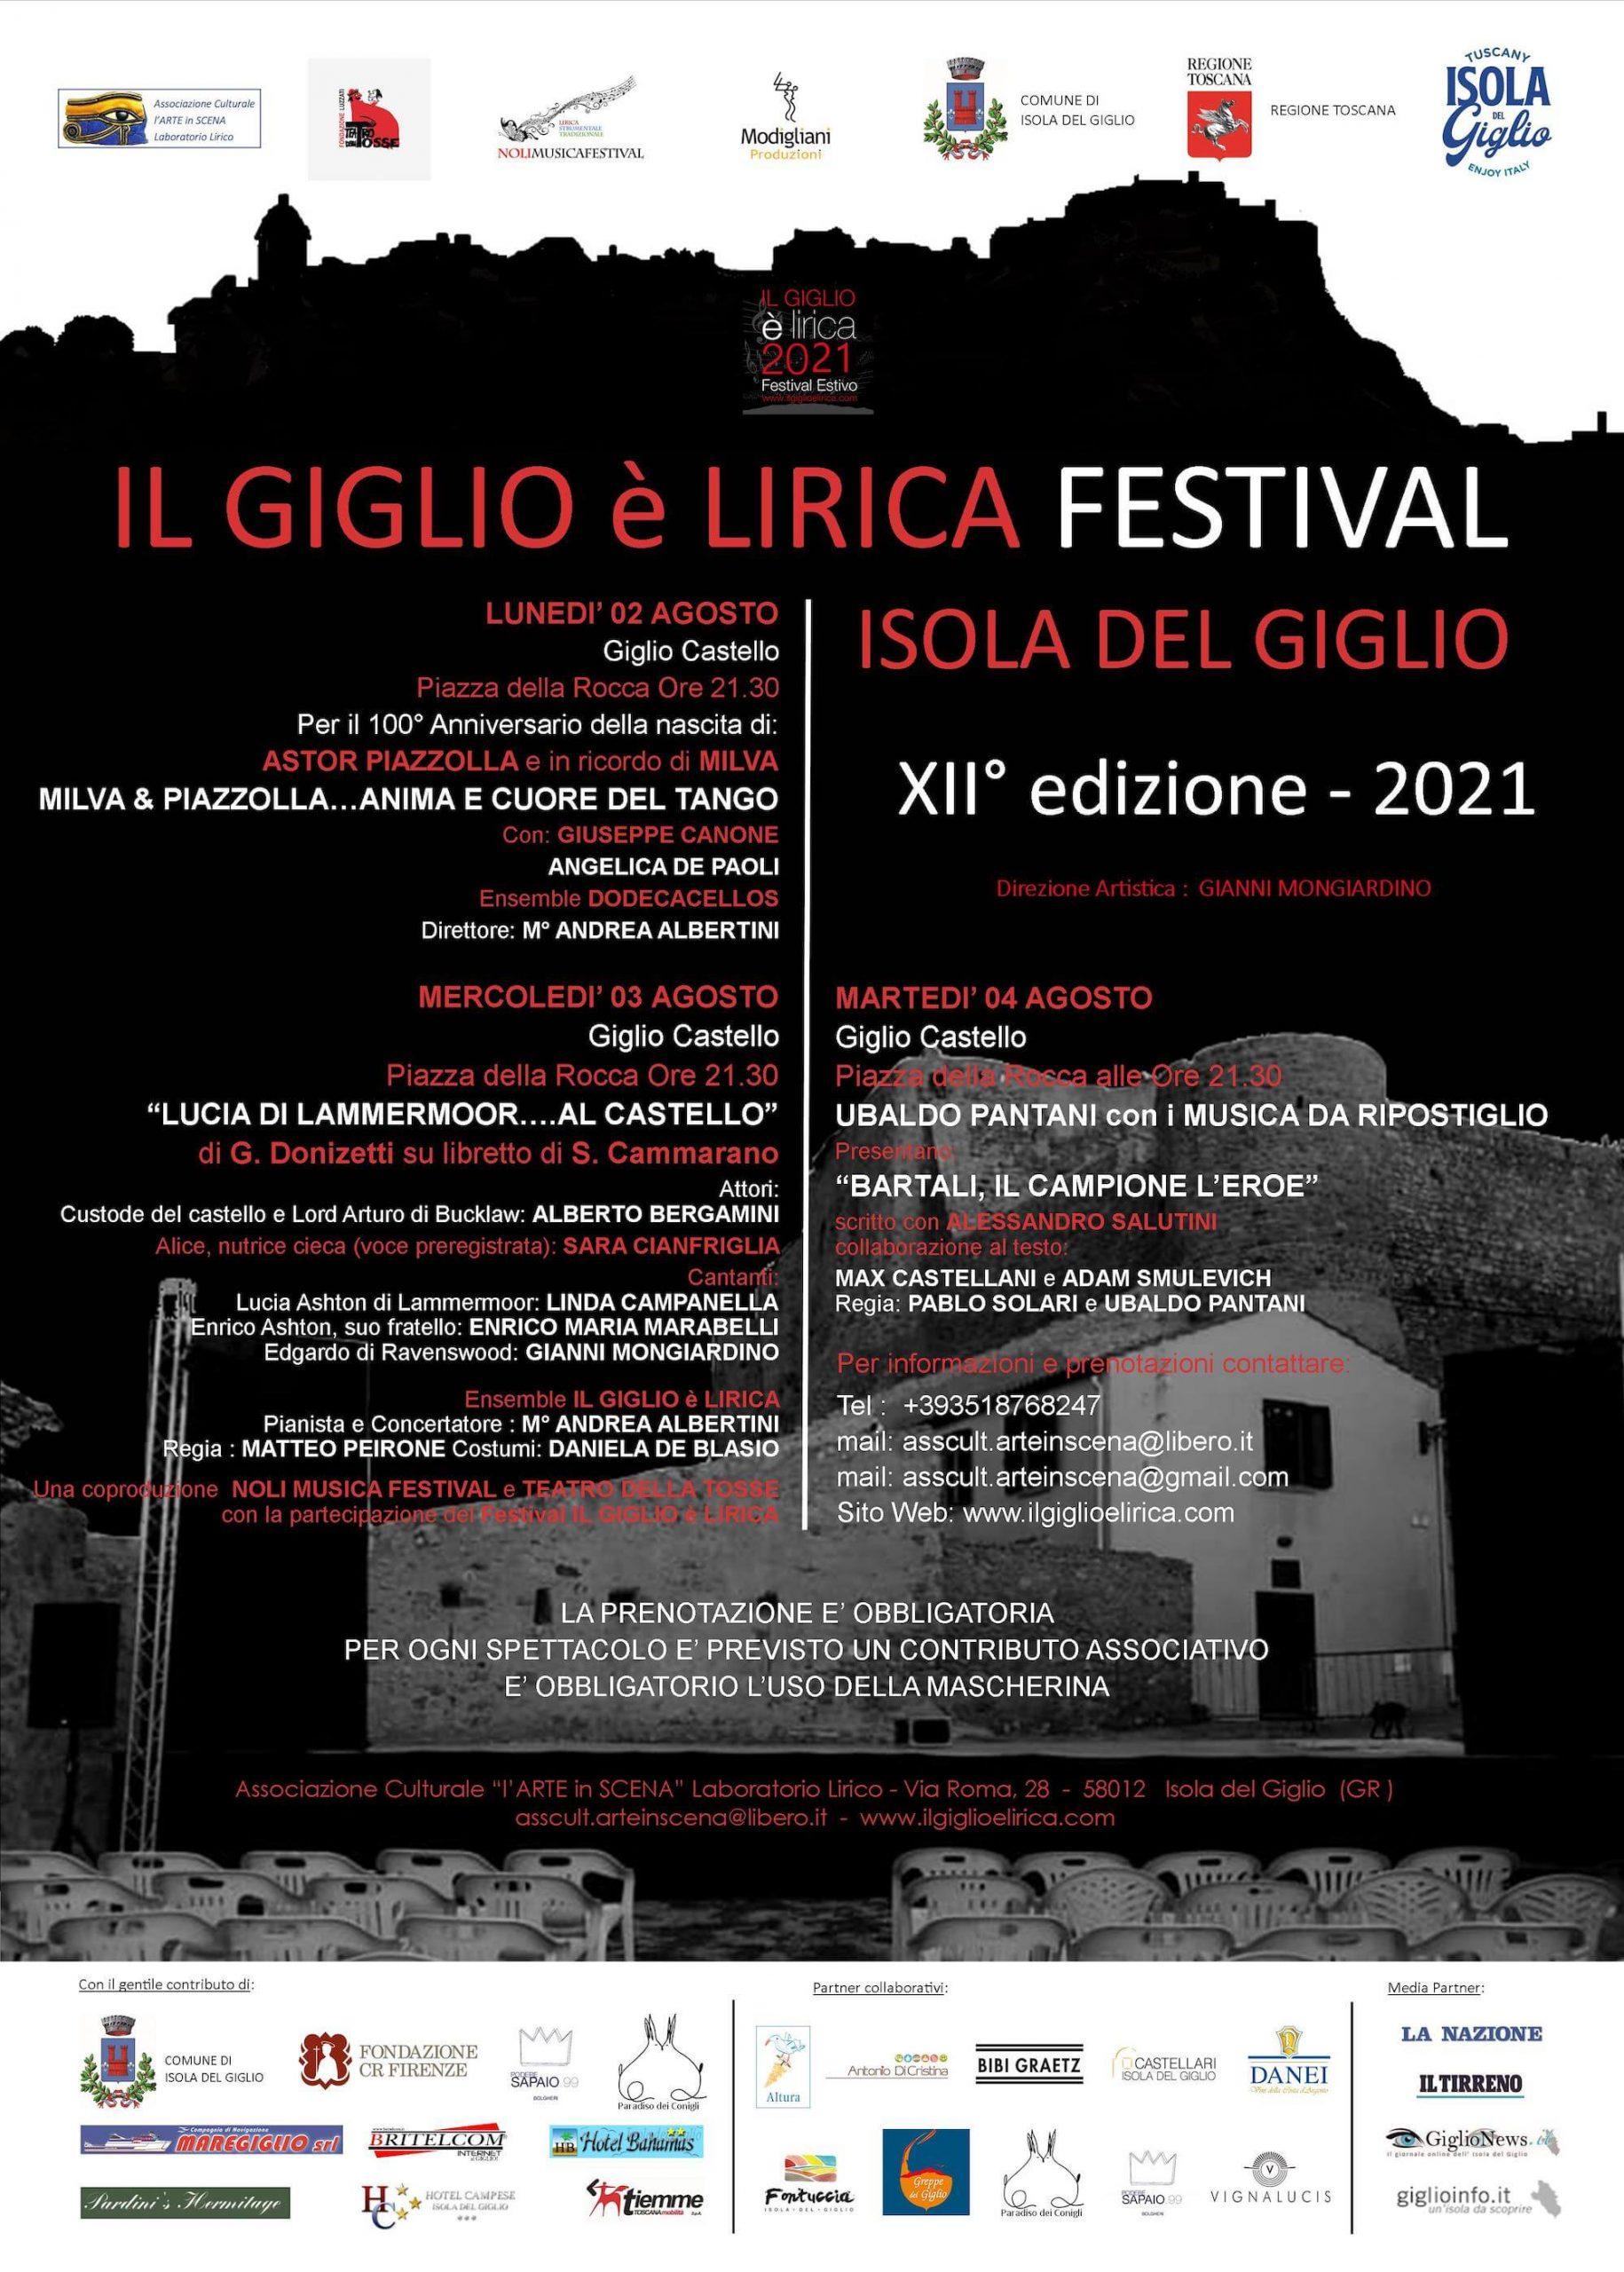 Locandina evento estivo Il Giglio è lirica Festival 2021